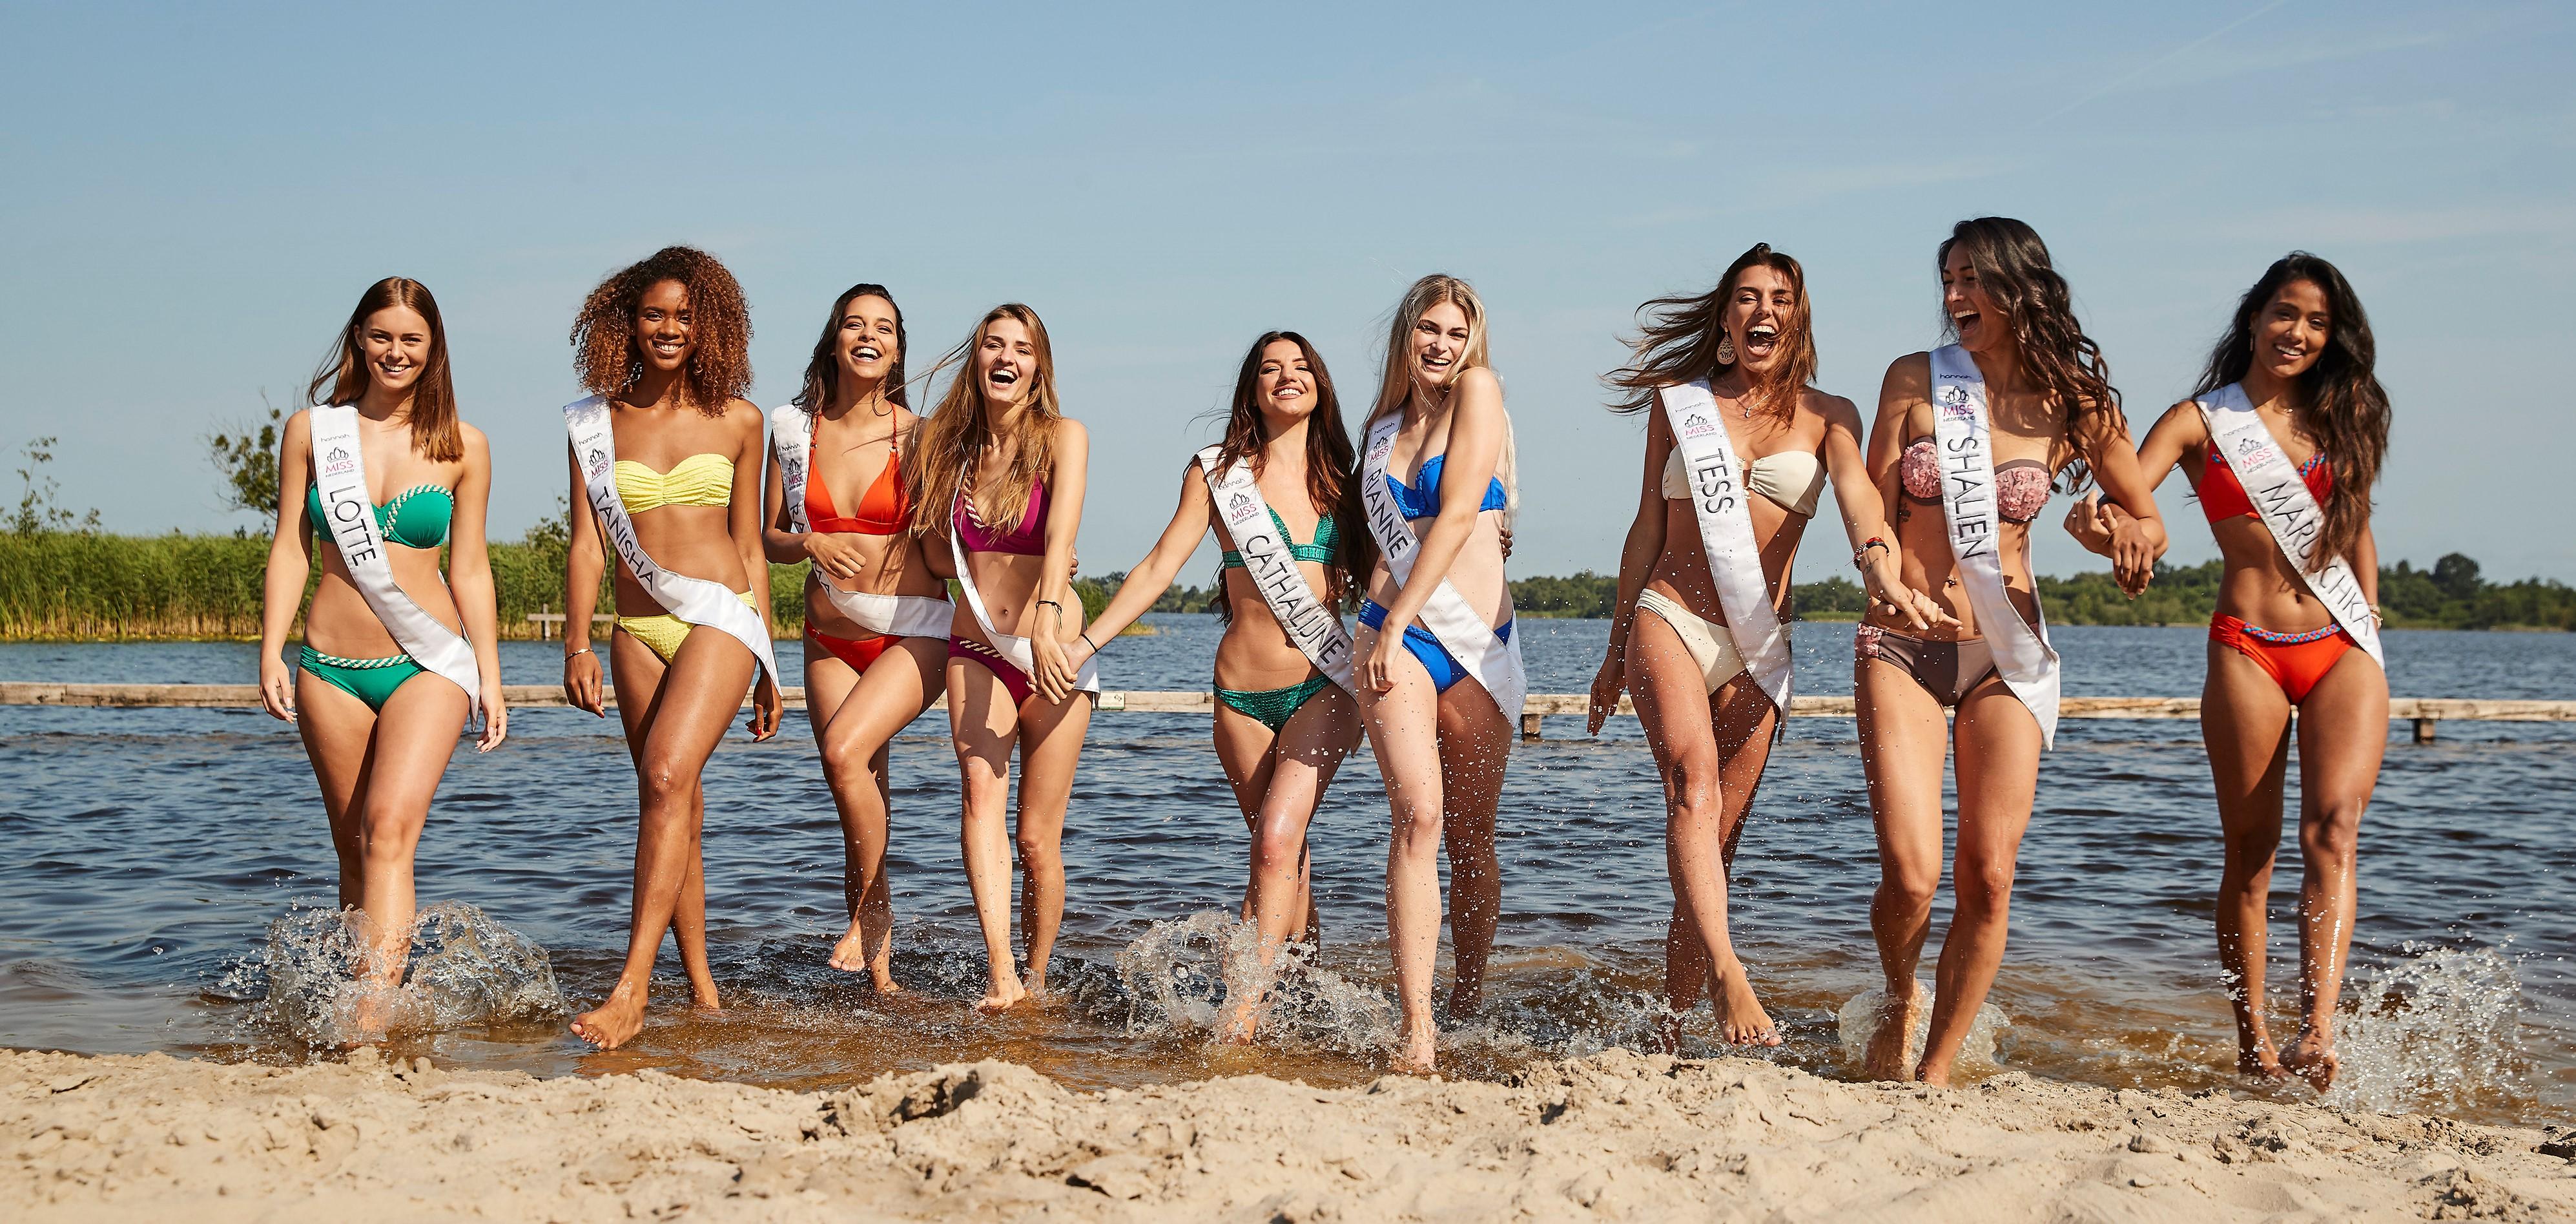 De Telegraaf_Miss |Nederland